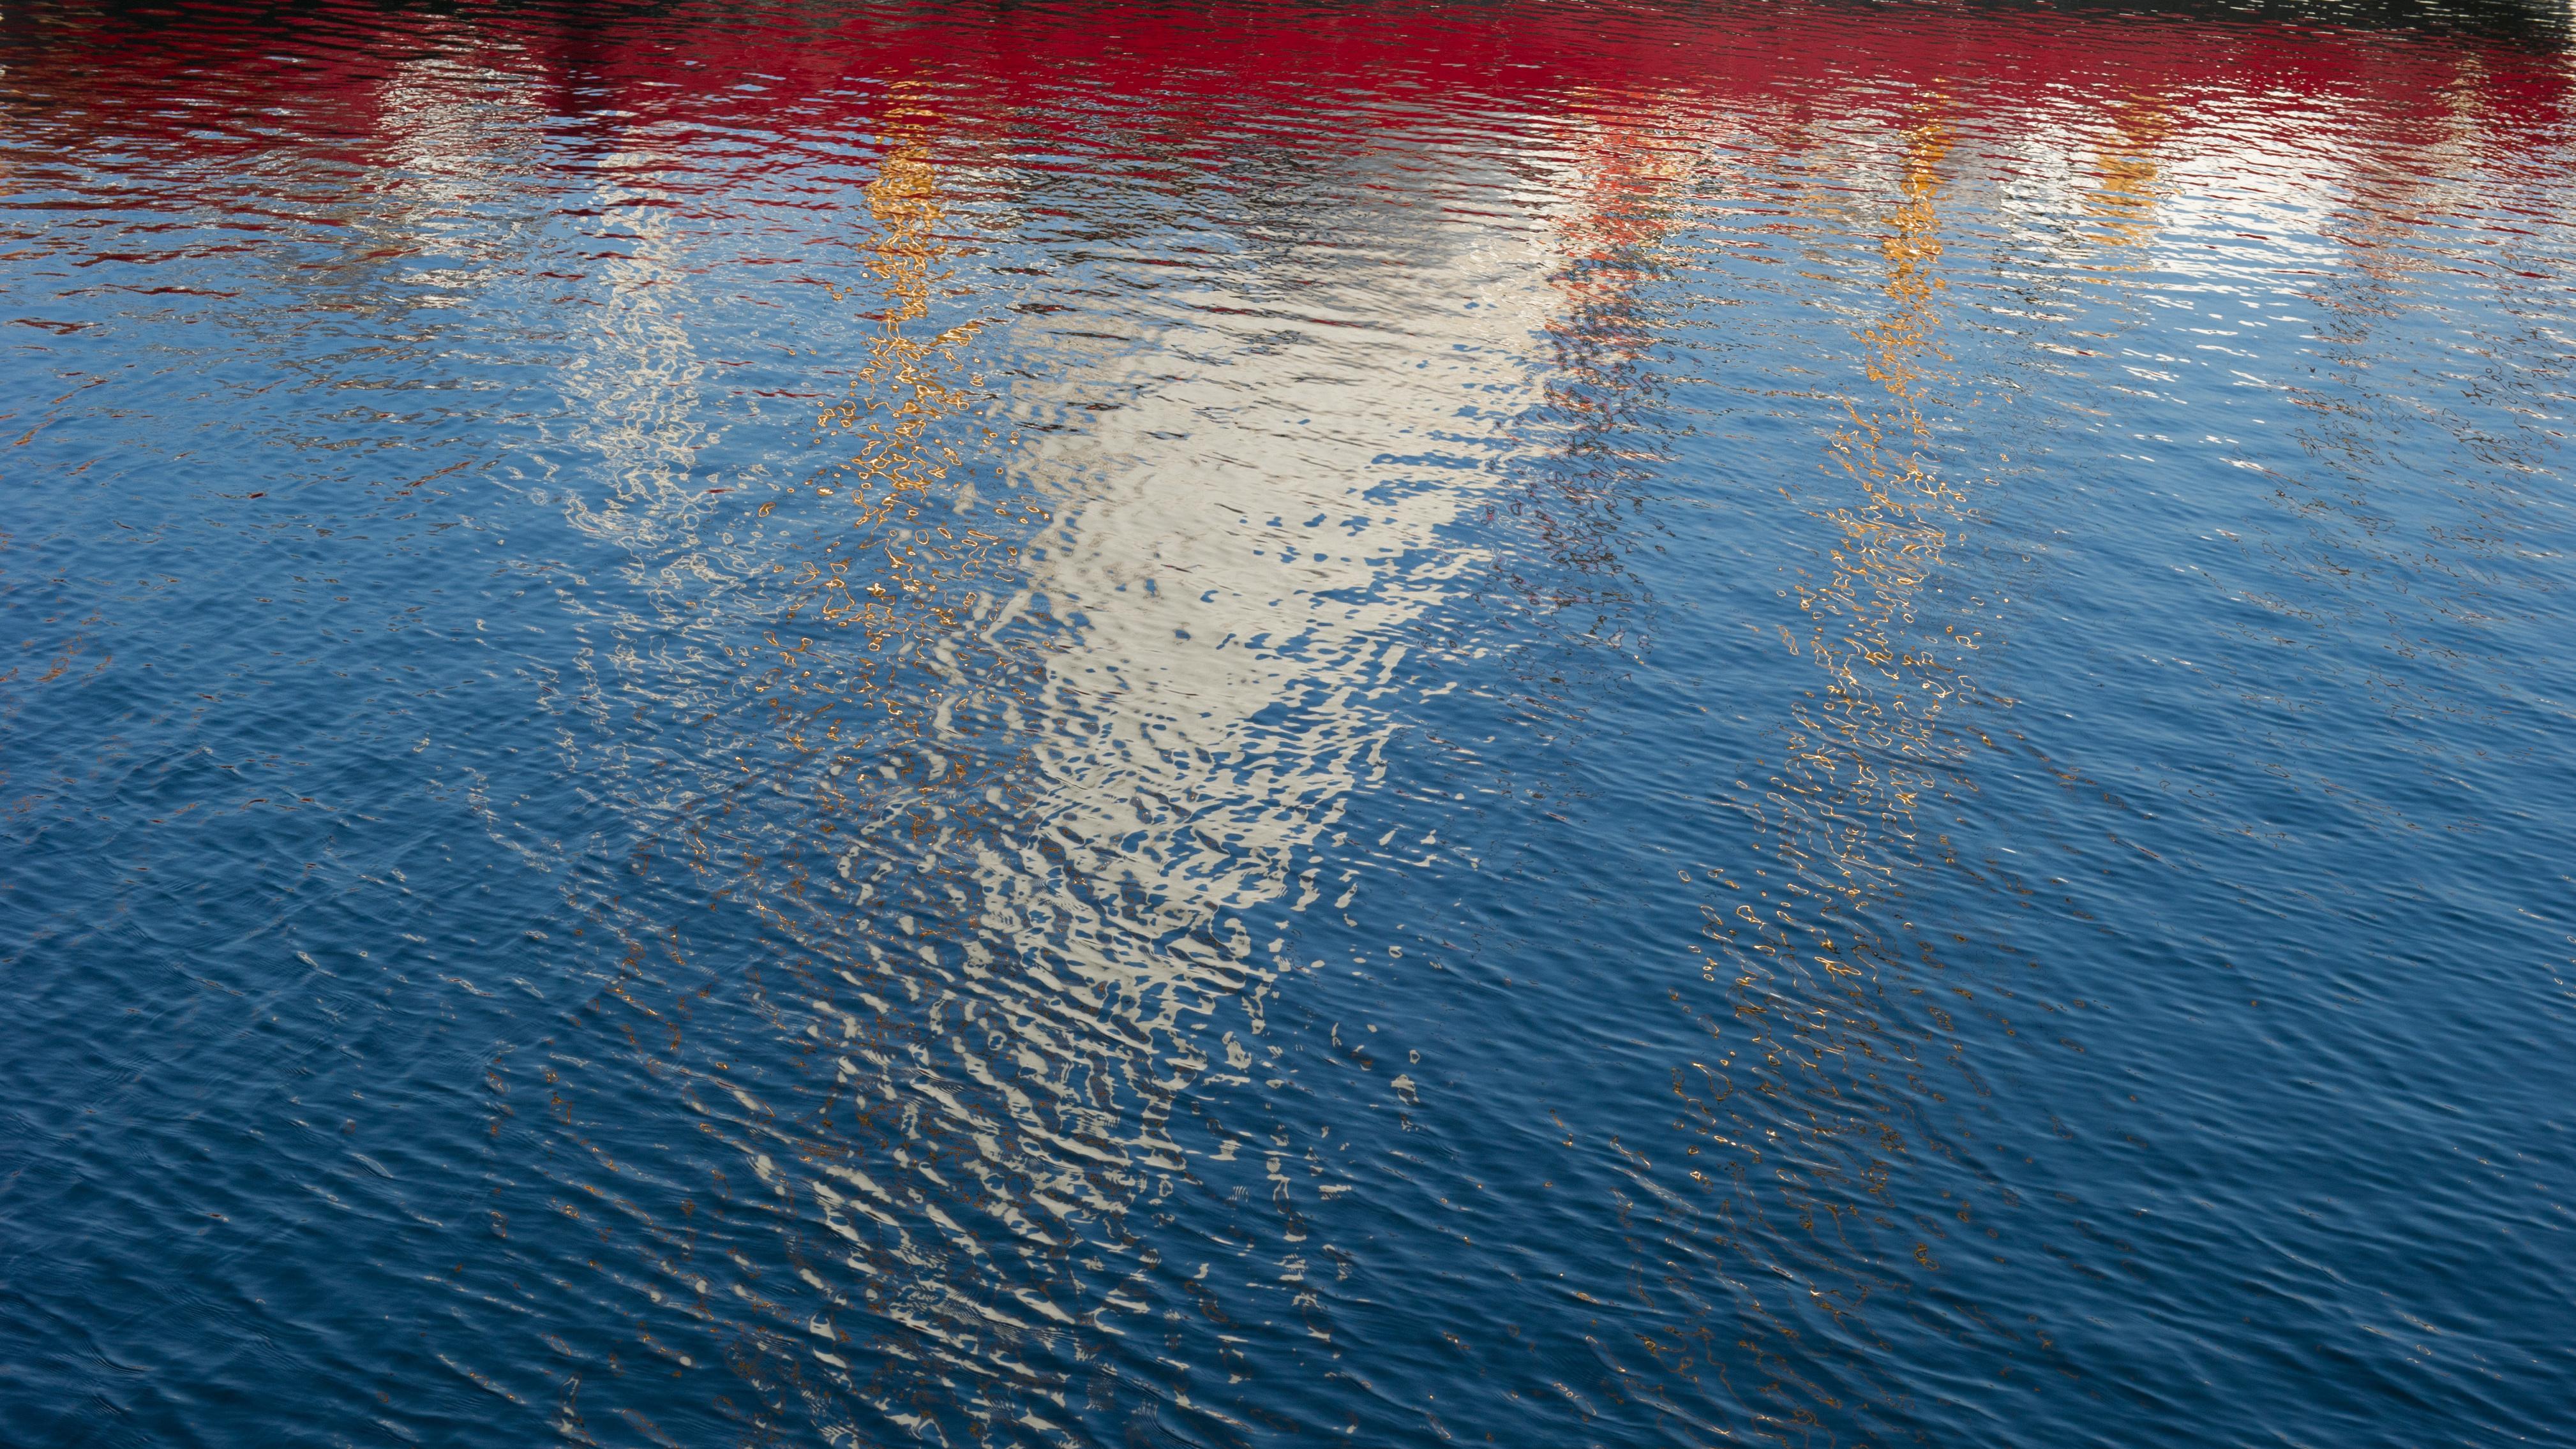 """Eine Szene am Ryck, der von Greifswald zur Ostsee fließt - und den Museumshafen in der Hansestadt passiert. Judith Schalansky erzählt in ihrem Buch """"Verzeichnis einiger Verluste"""" von der Stadt und vom Fluss."""